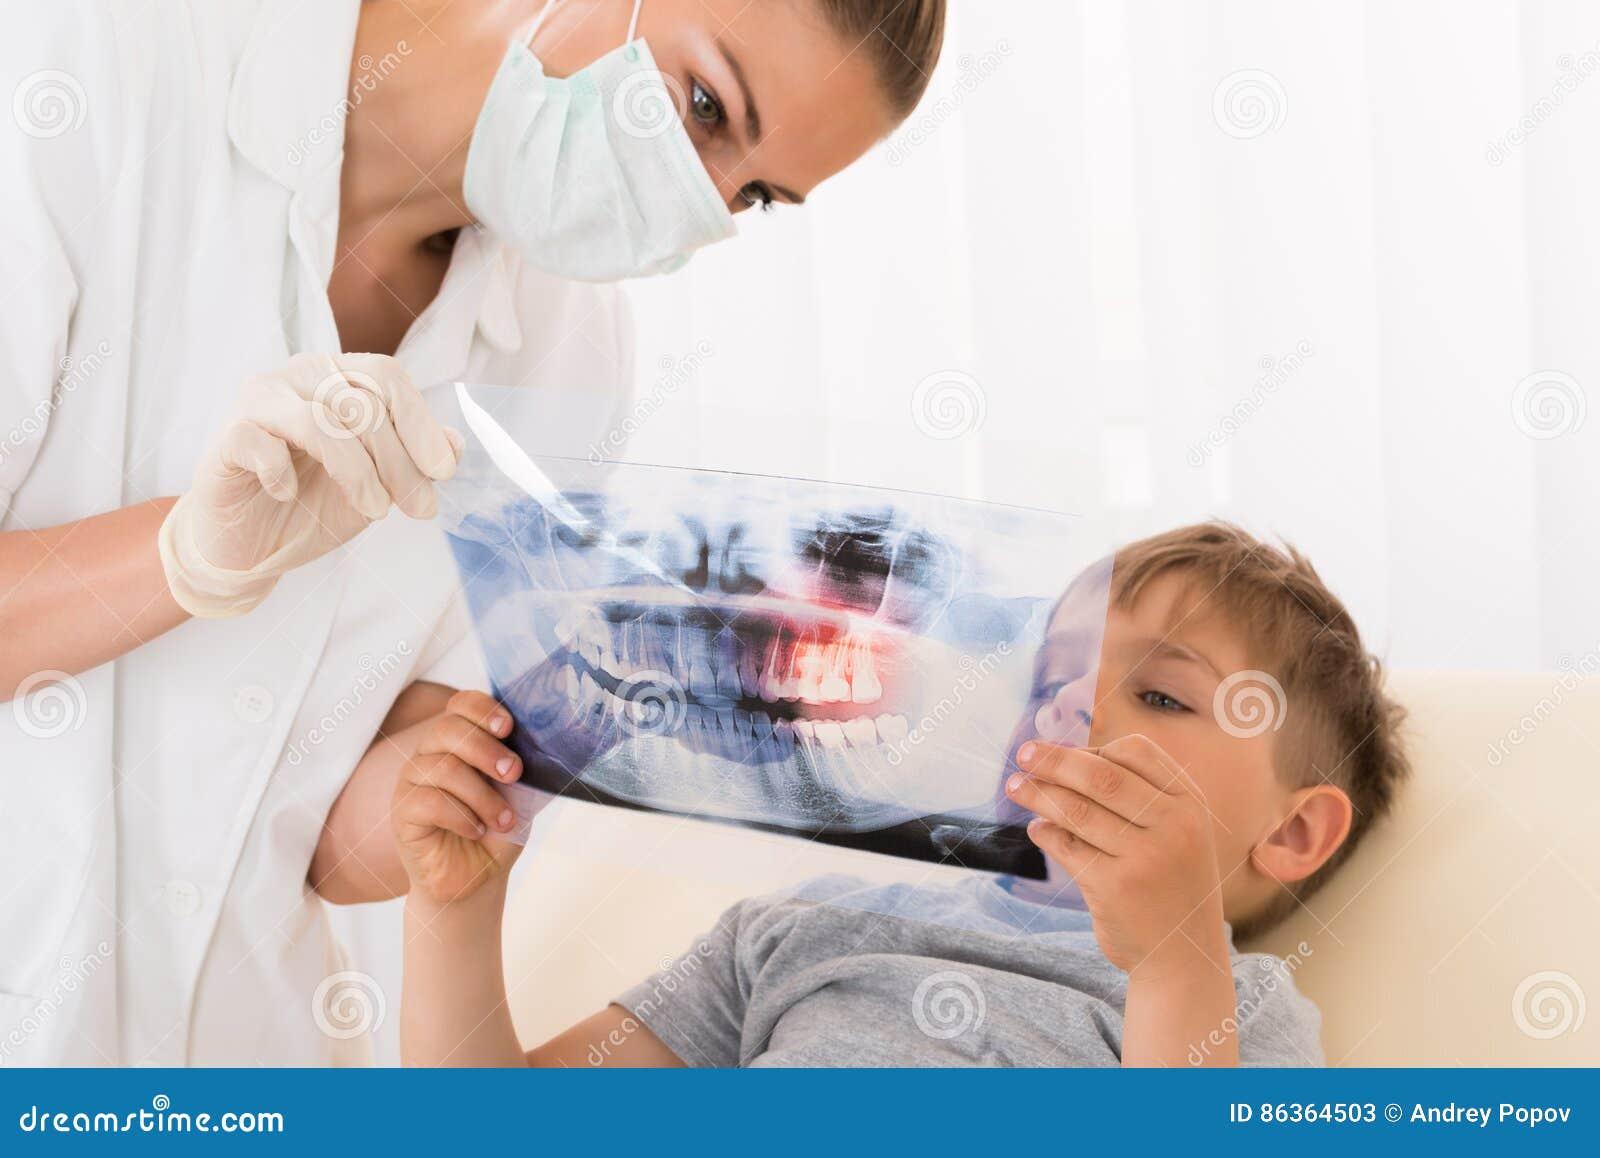 Tandarts Showing Teeth Xray aan Kindpatiënt